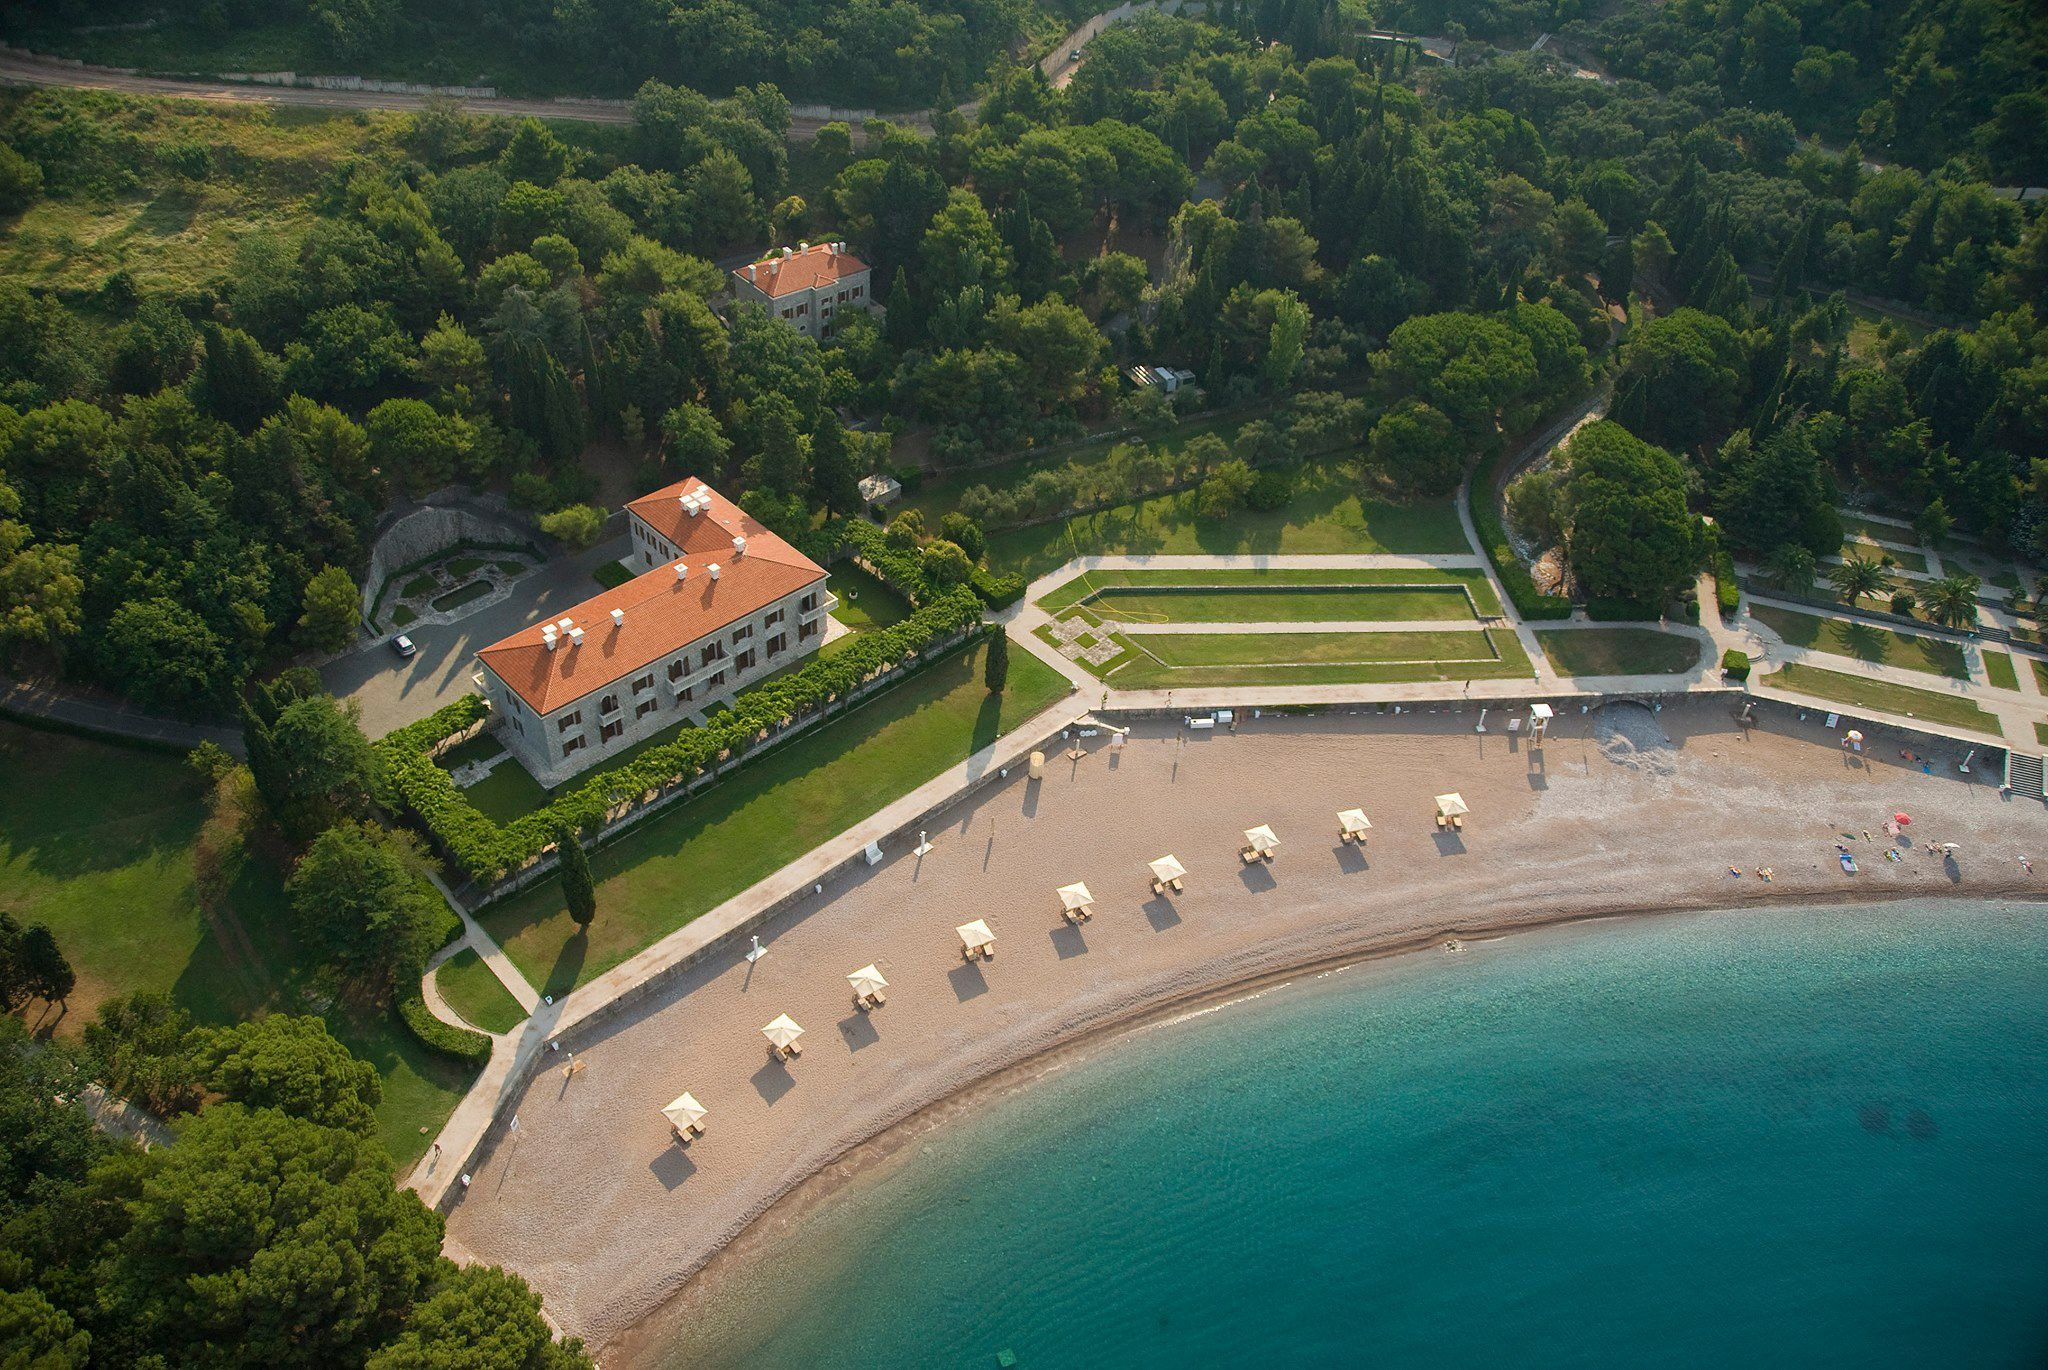 Hotel Villa Milocer